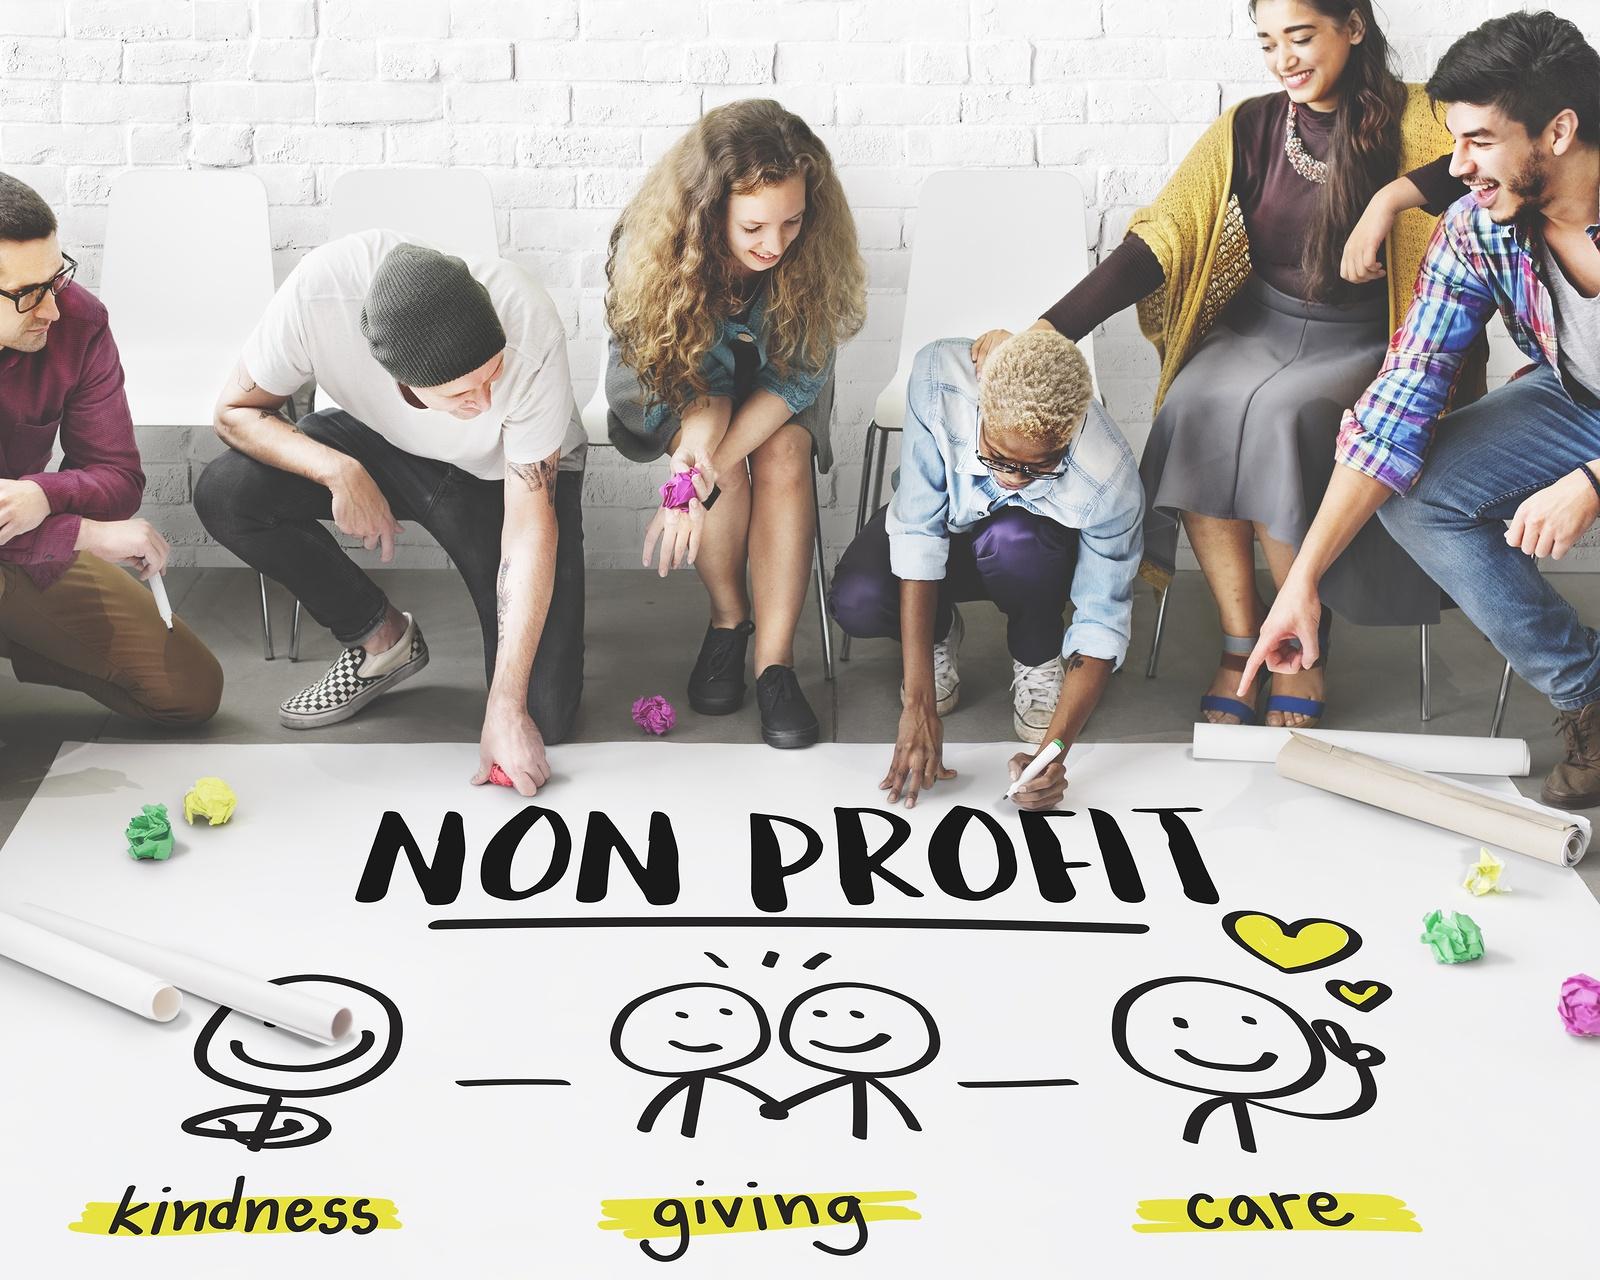 nonprofittaxfilingMyrick.jpg